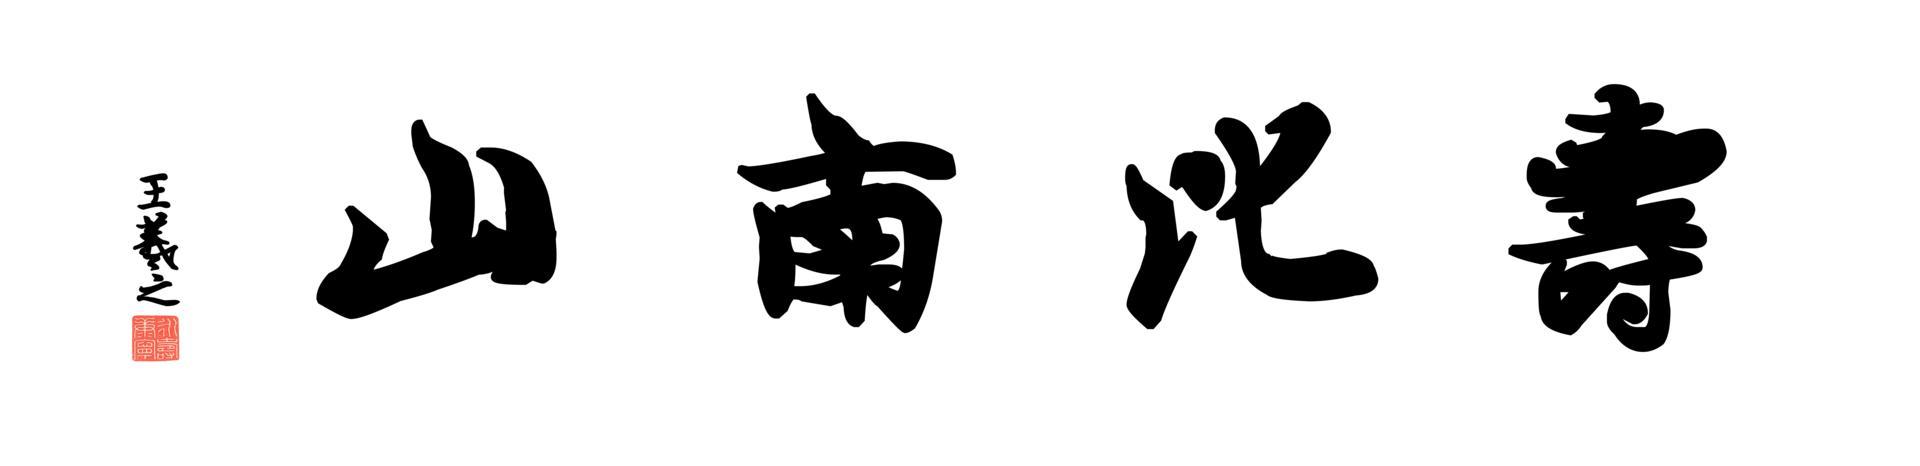 0166_王羲之兰亭体数字书法-四字横幅寿比南山136x33cm_21417x5197PX_TIF_400DPI_326_0